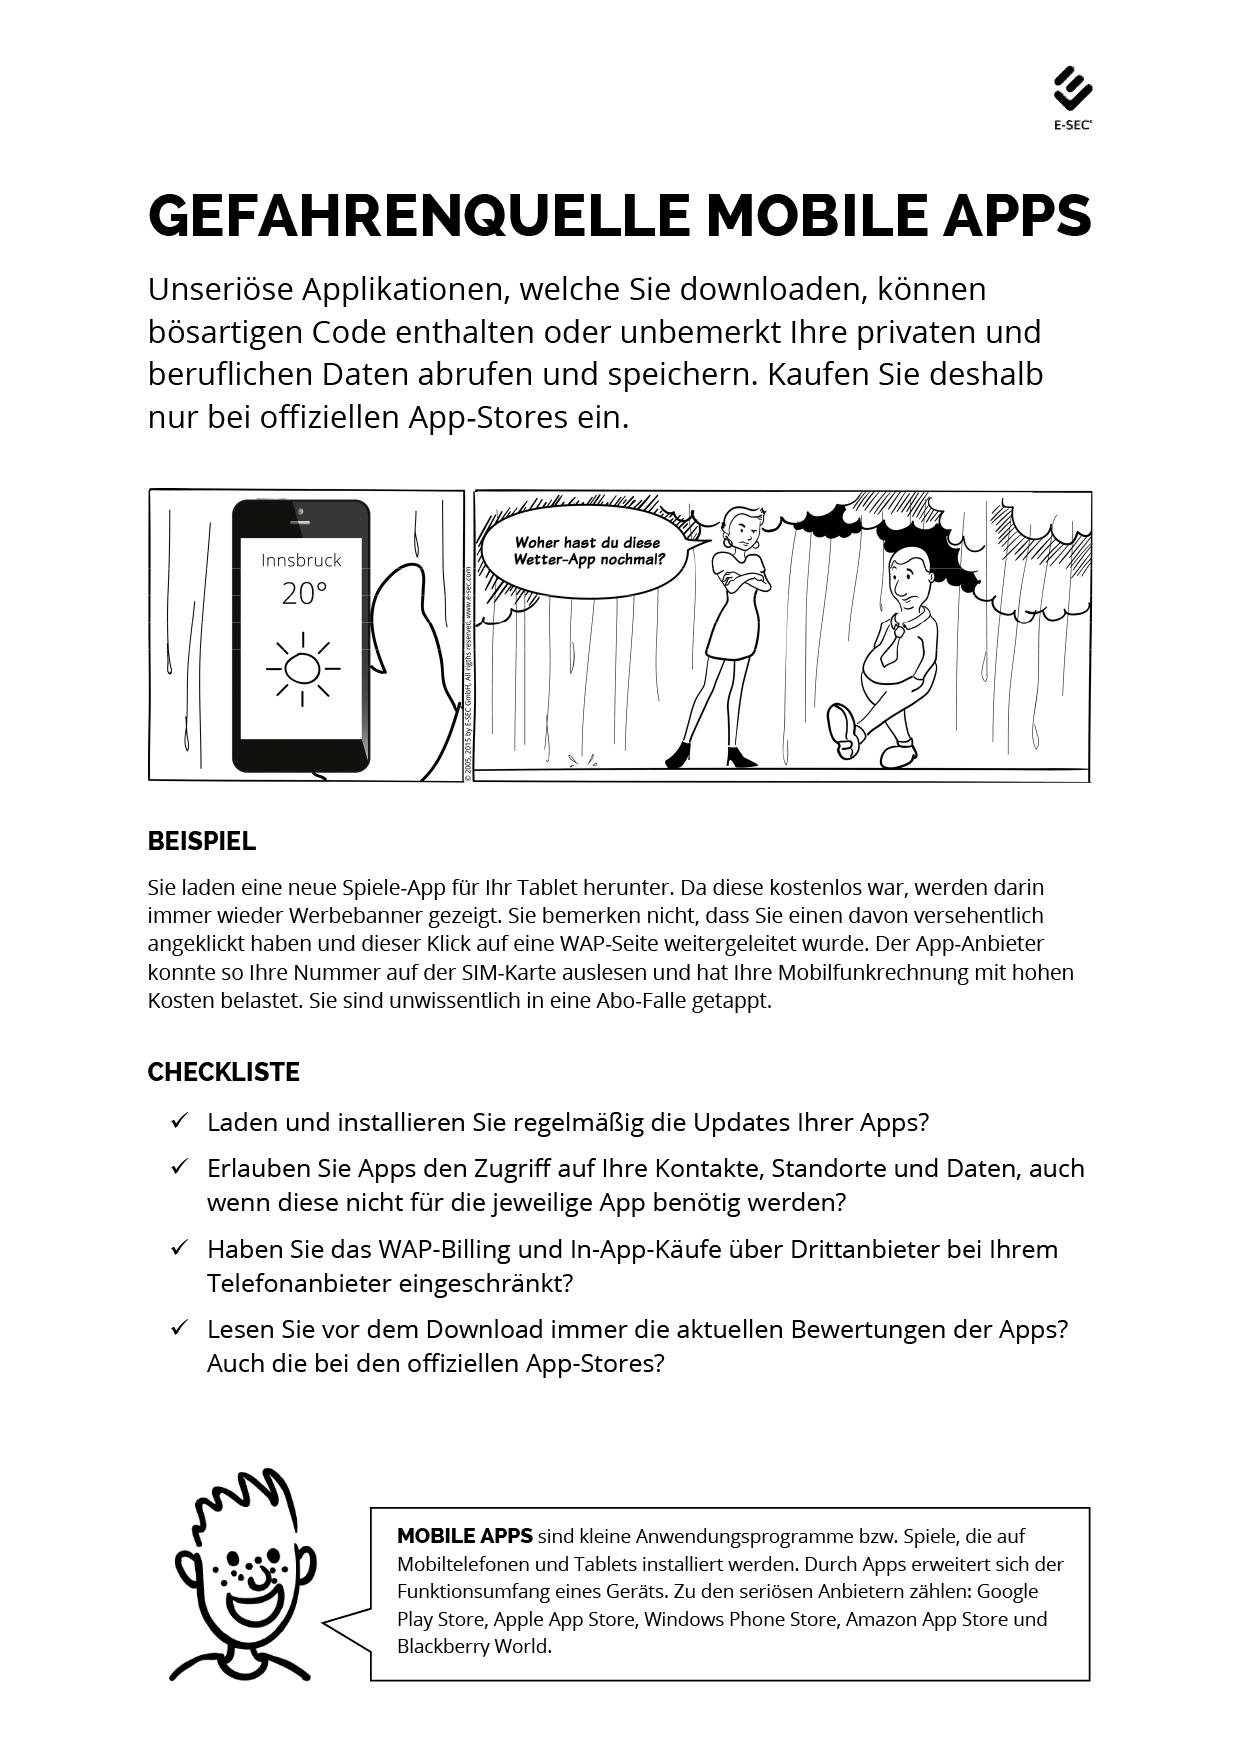 Gefahrenquelle Mobile Apps